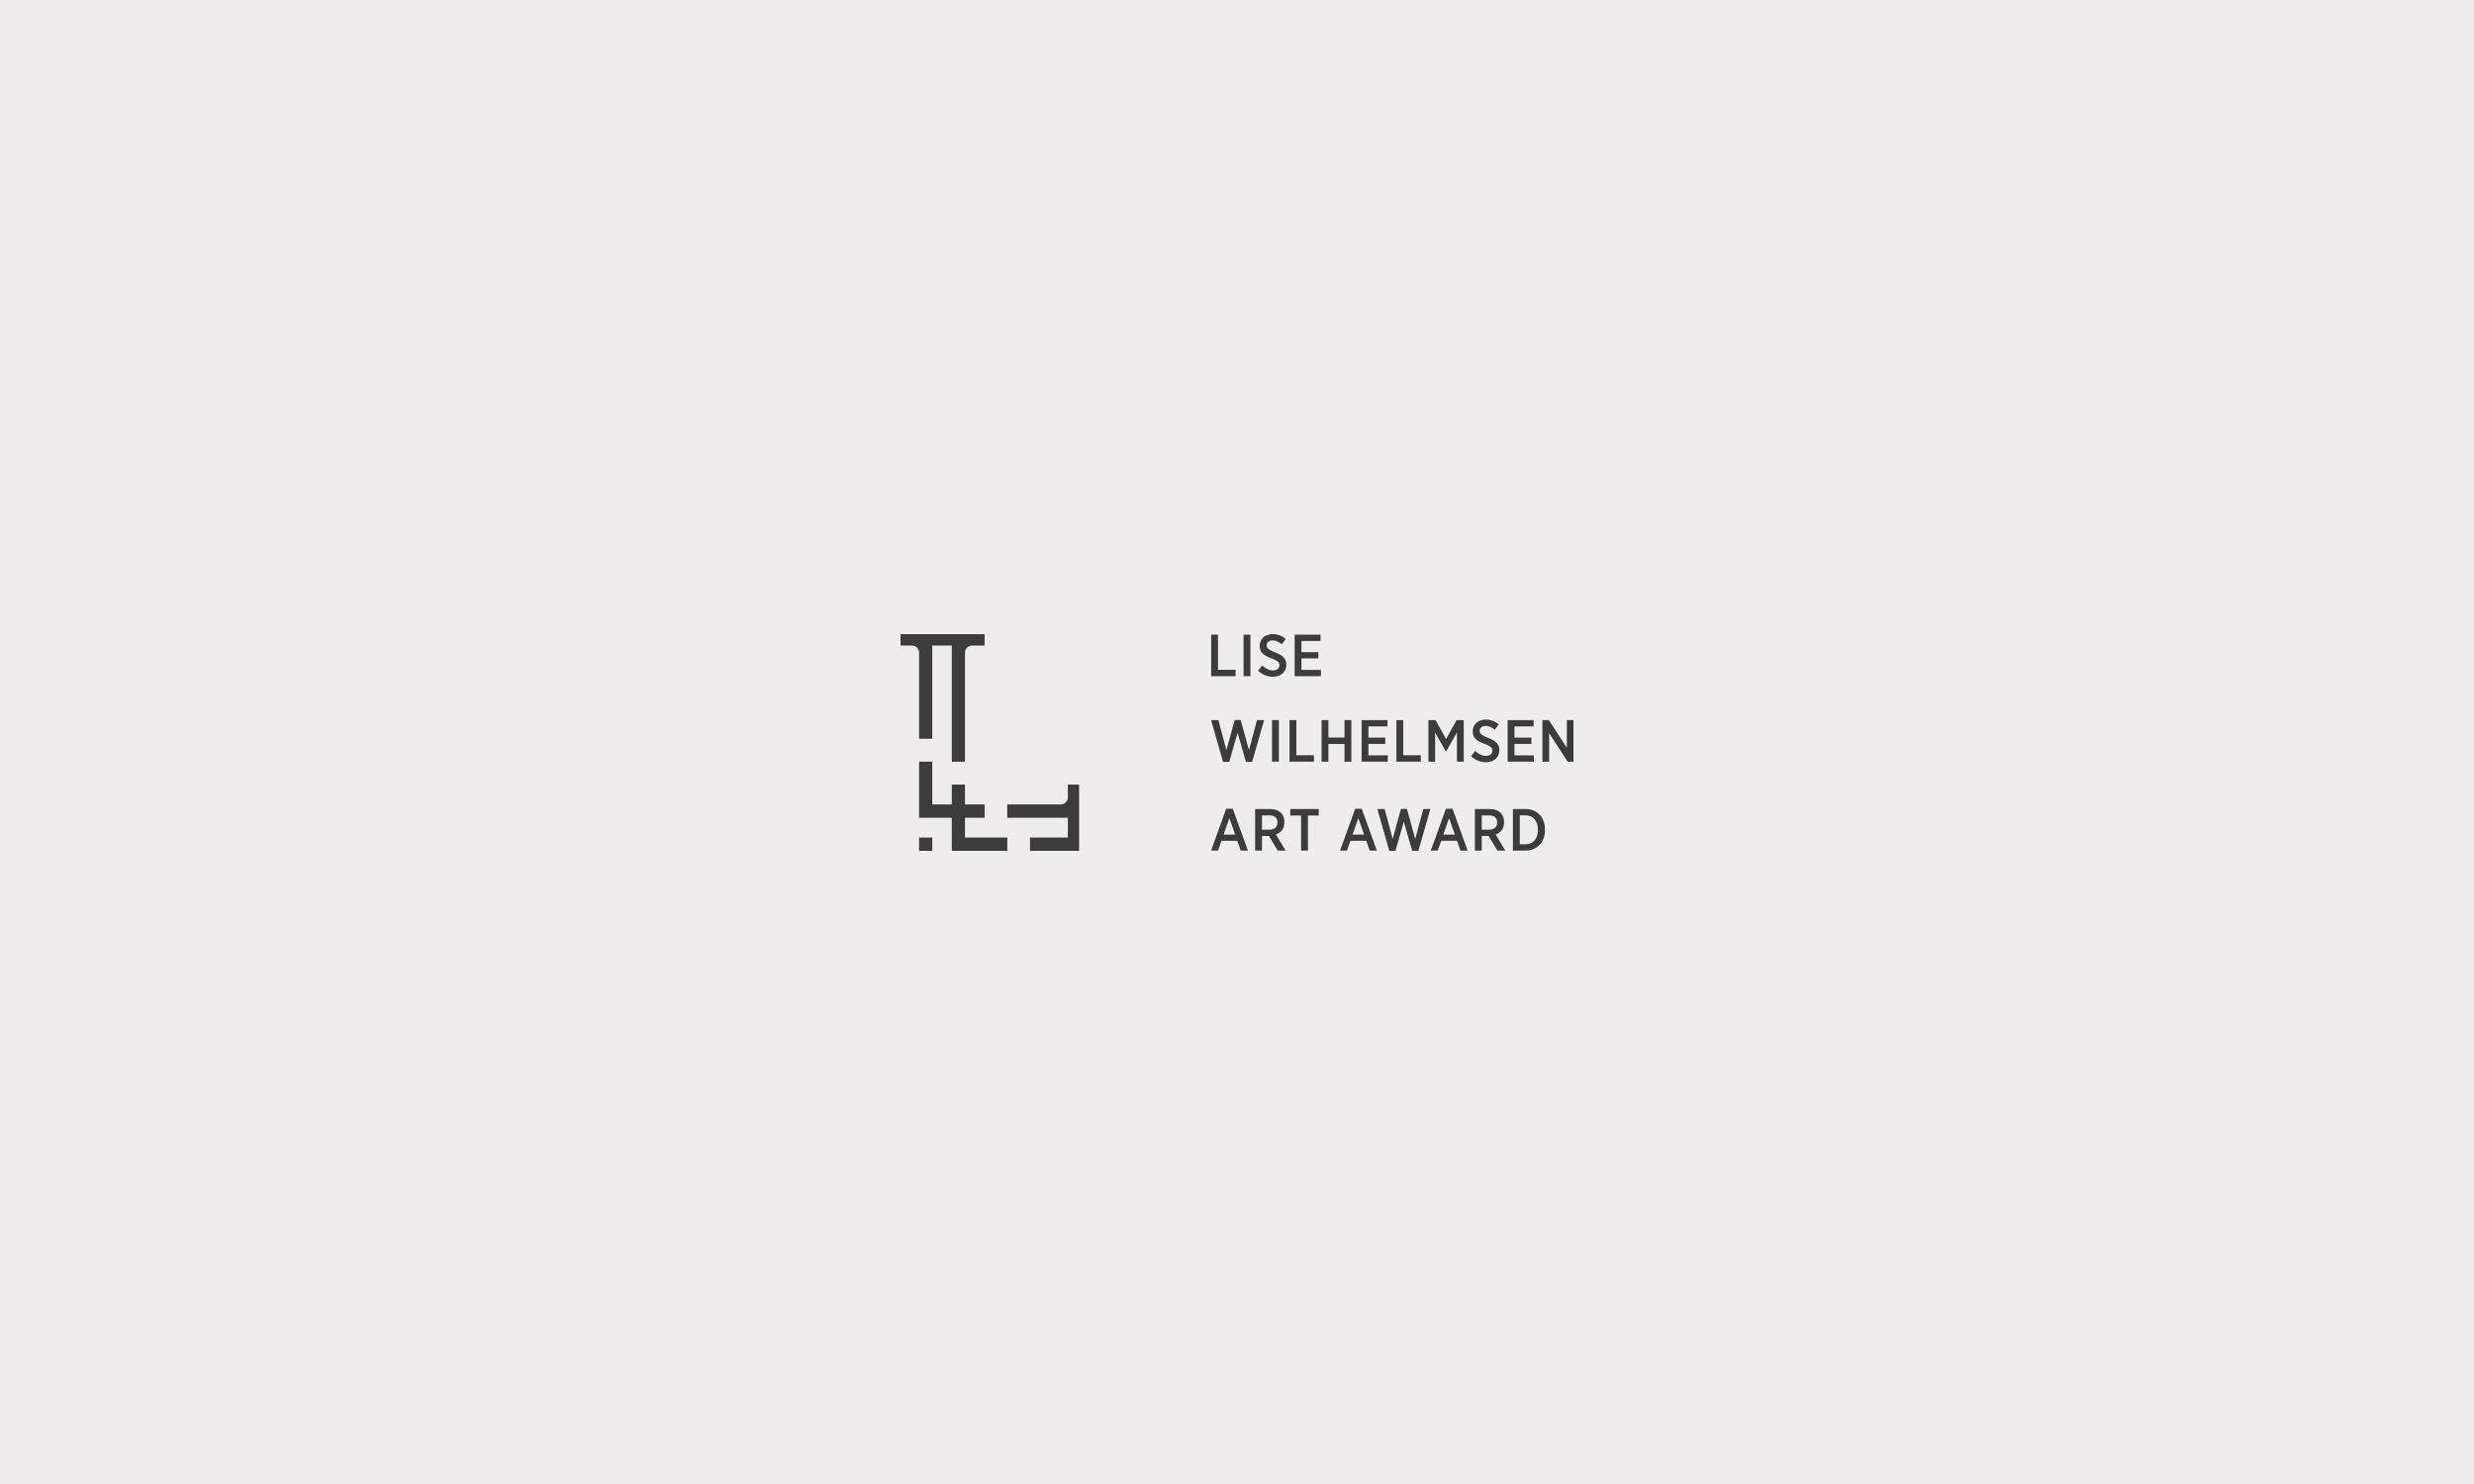 Lise Wilhelmsen Art Award dark horizontal Logo, design by SBDS